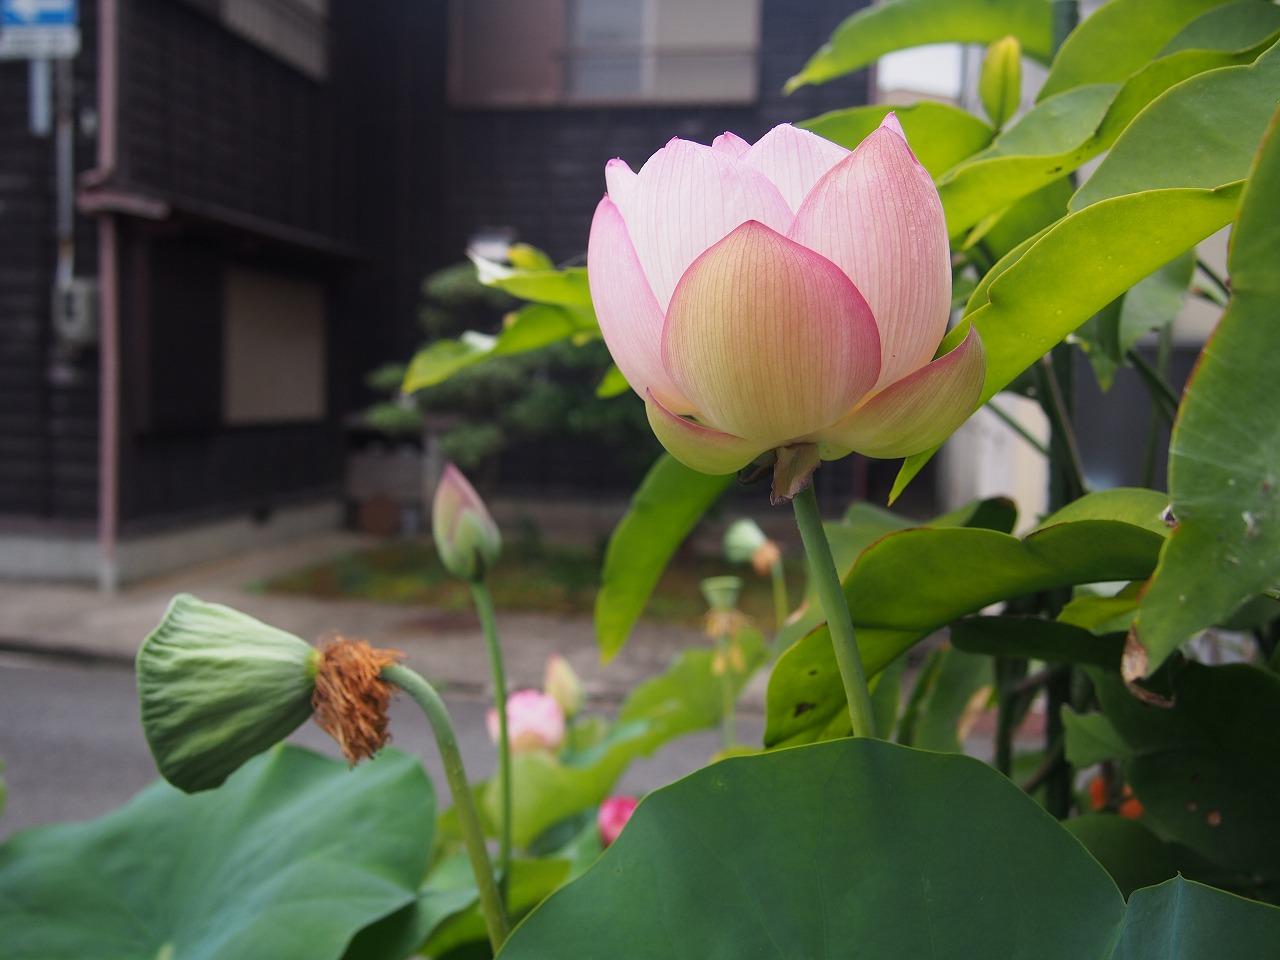 20170723-Lotus_TsumabeniChawanbasu-O01.jpg